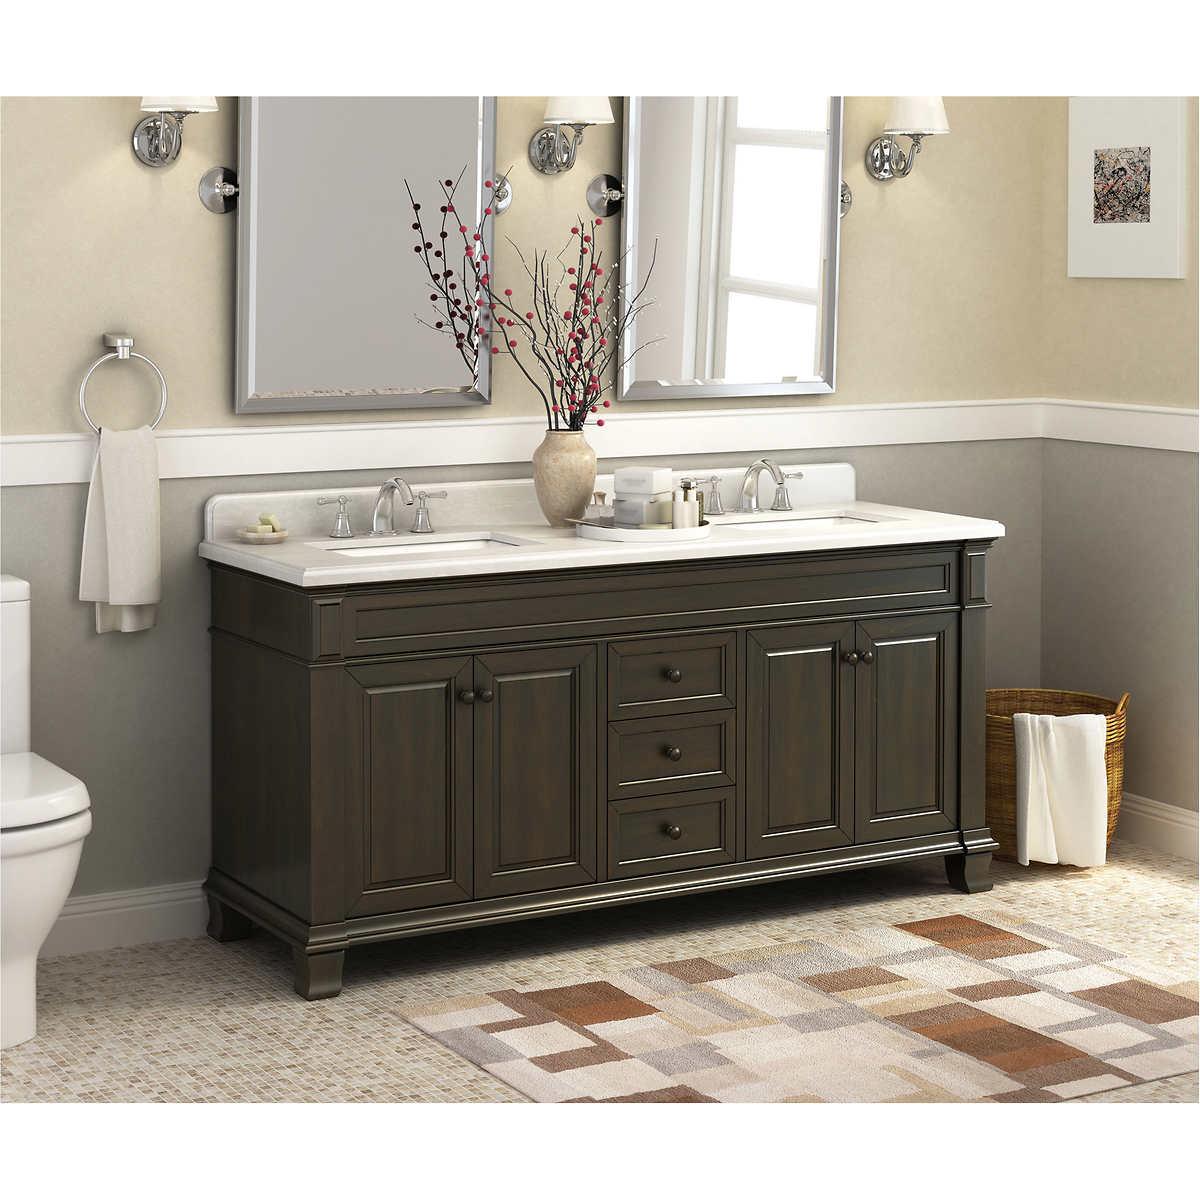 Hudson 72  Double Sink Vanity by Lanza. Double Sink Vanities